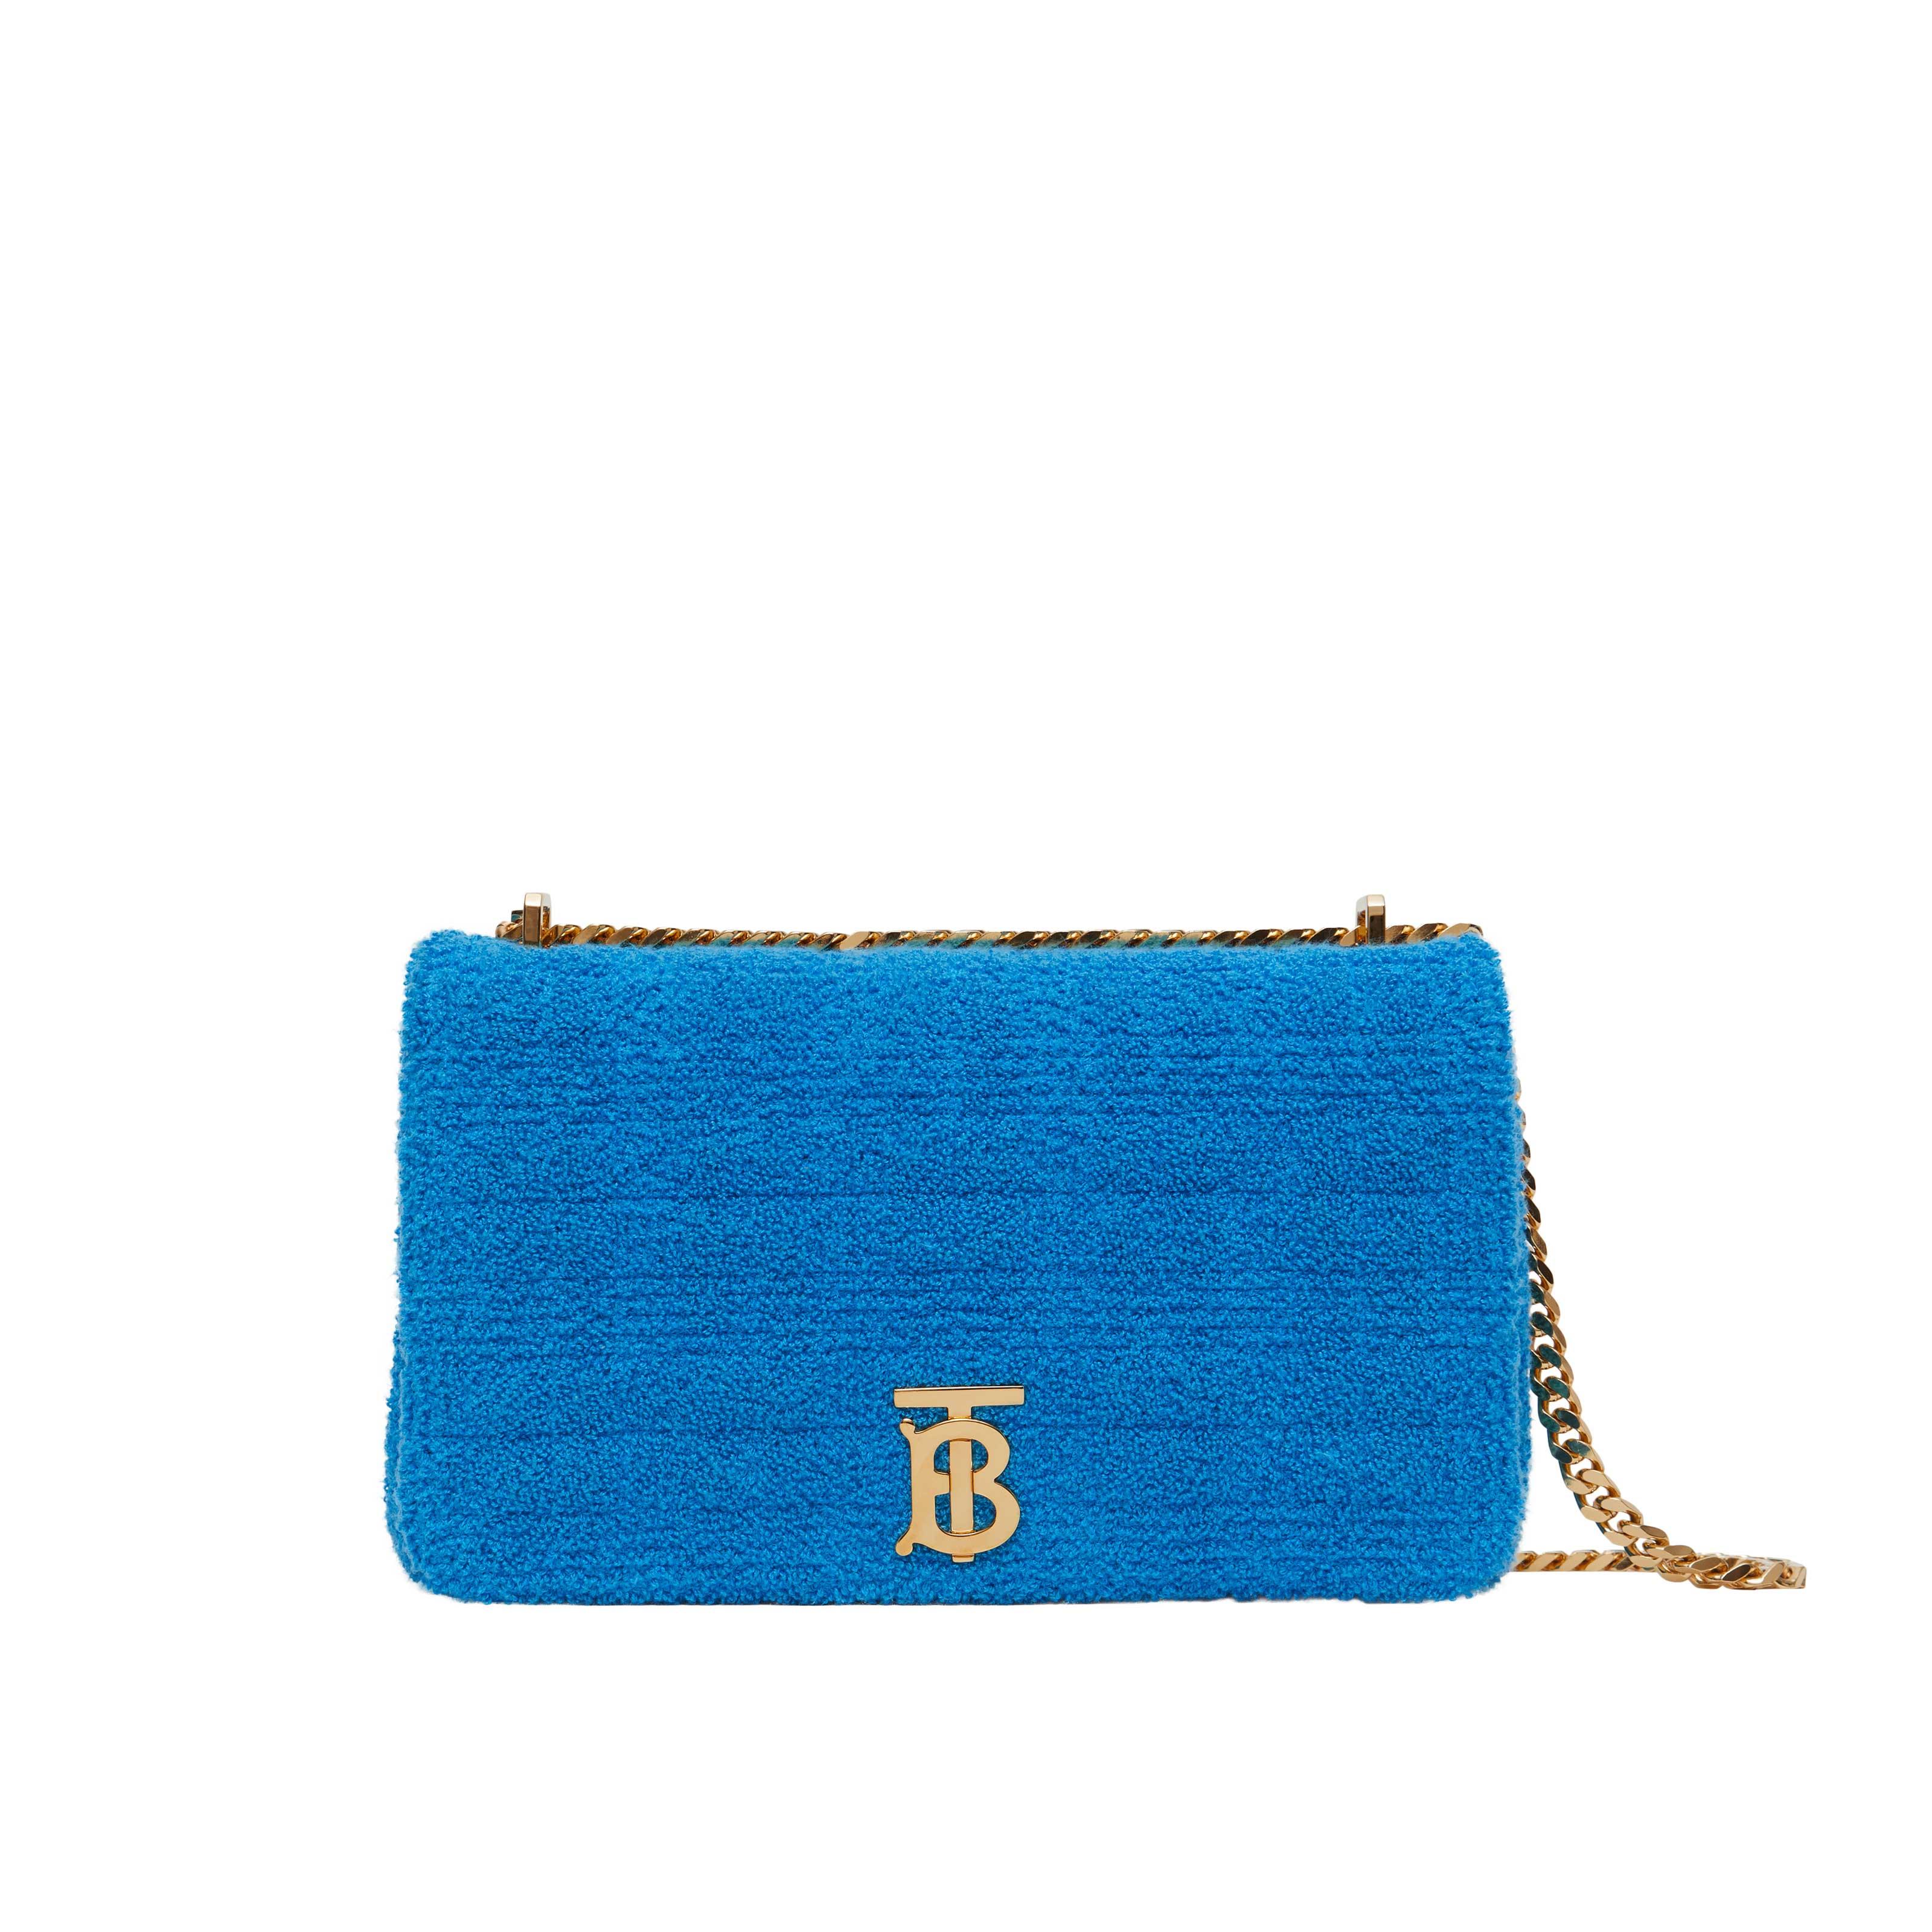 Túi đeo chéo Burberry TB Summer Monogram màu xanh